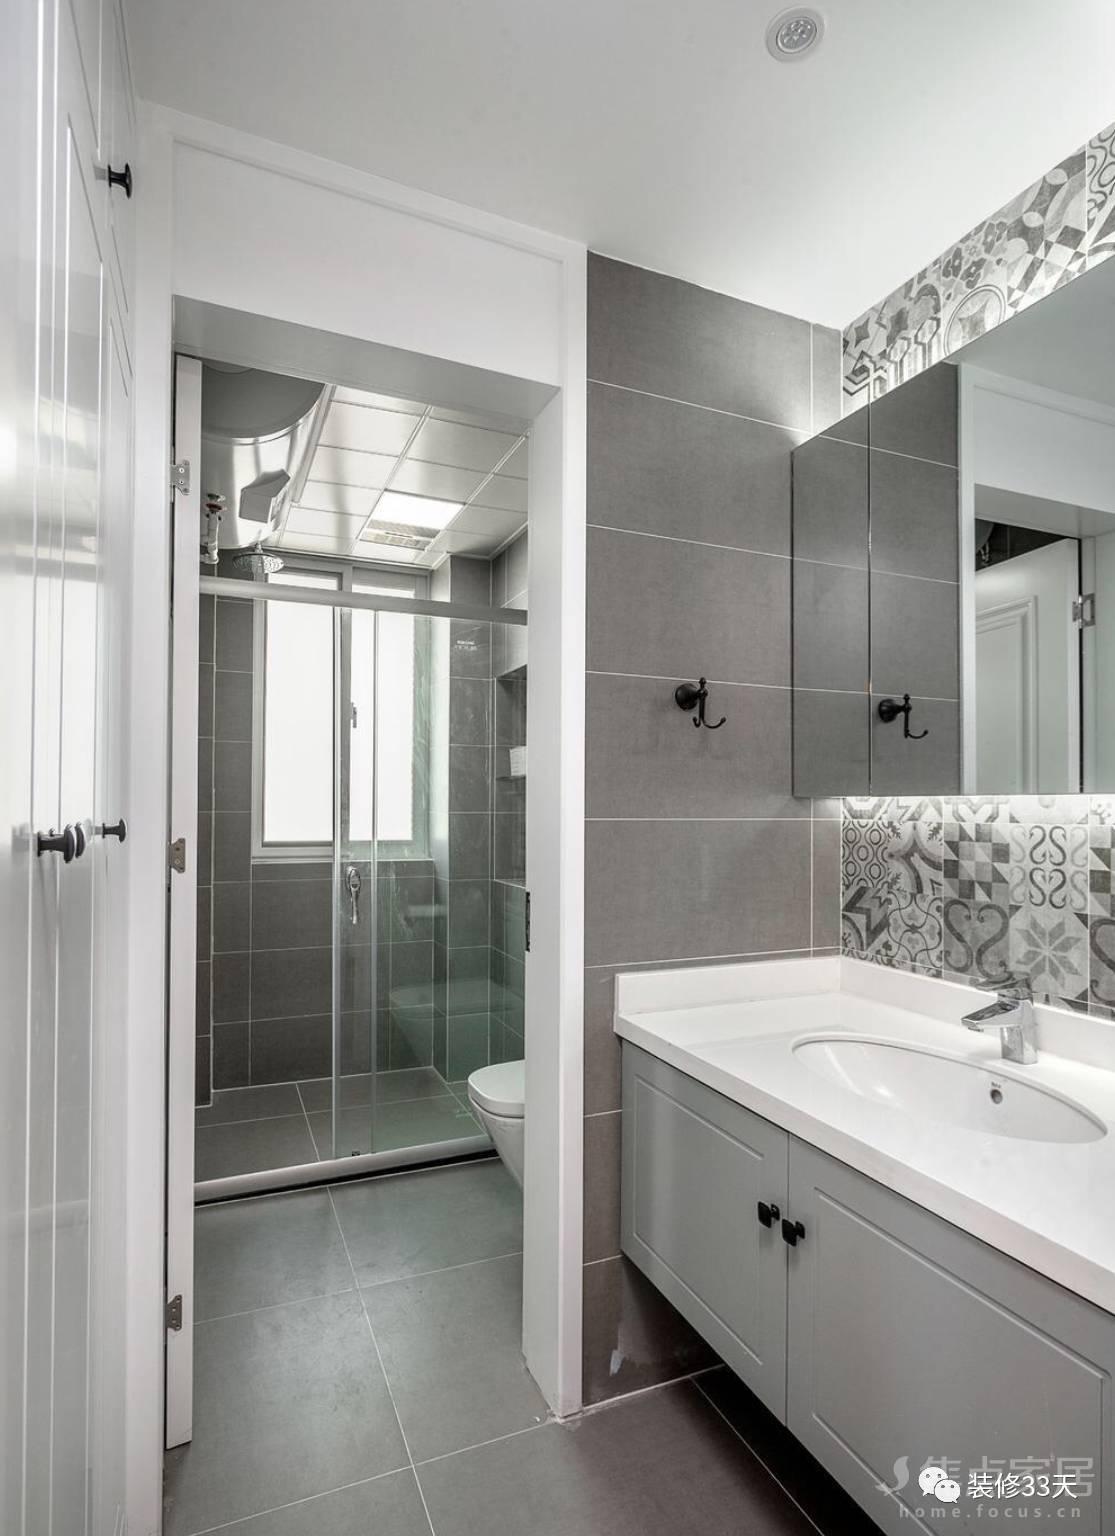 厨房地面与墙面铺贴灰色哑光砖,白色铝扣板吊顶,原木色的橱柜